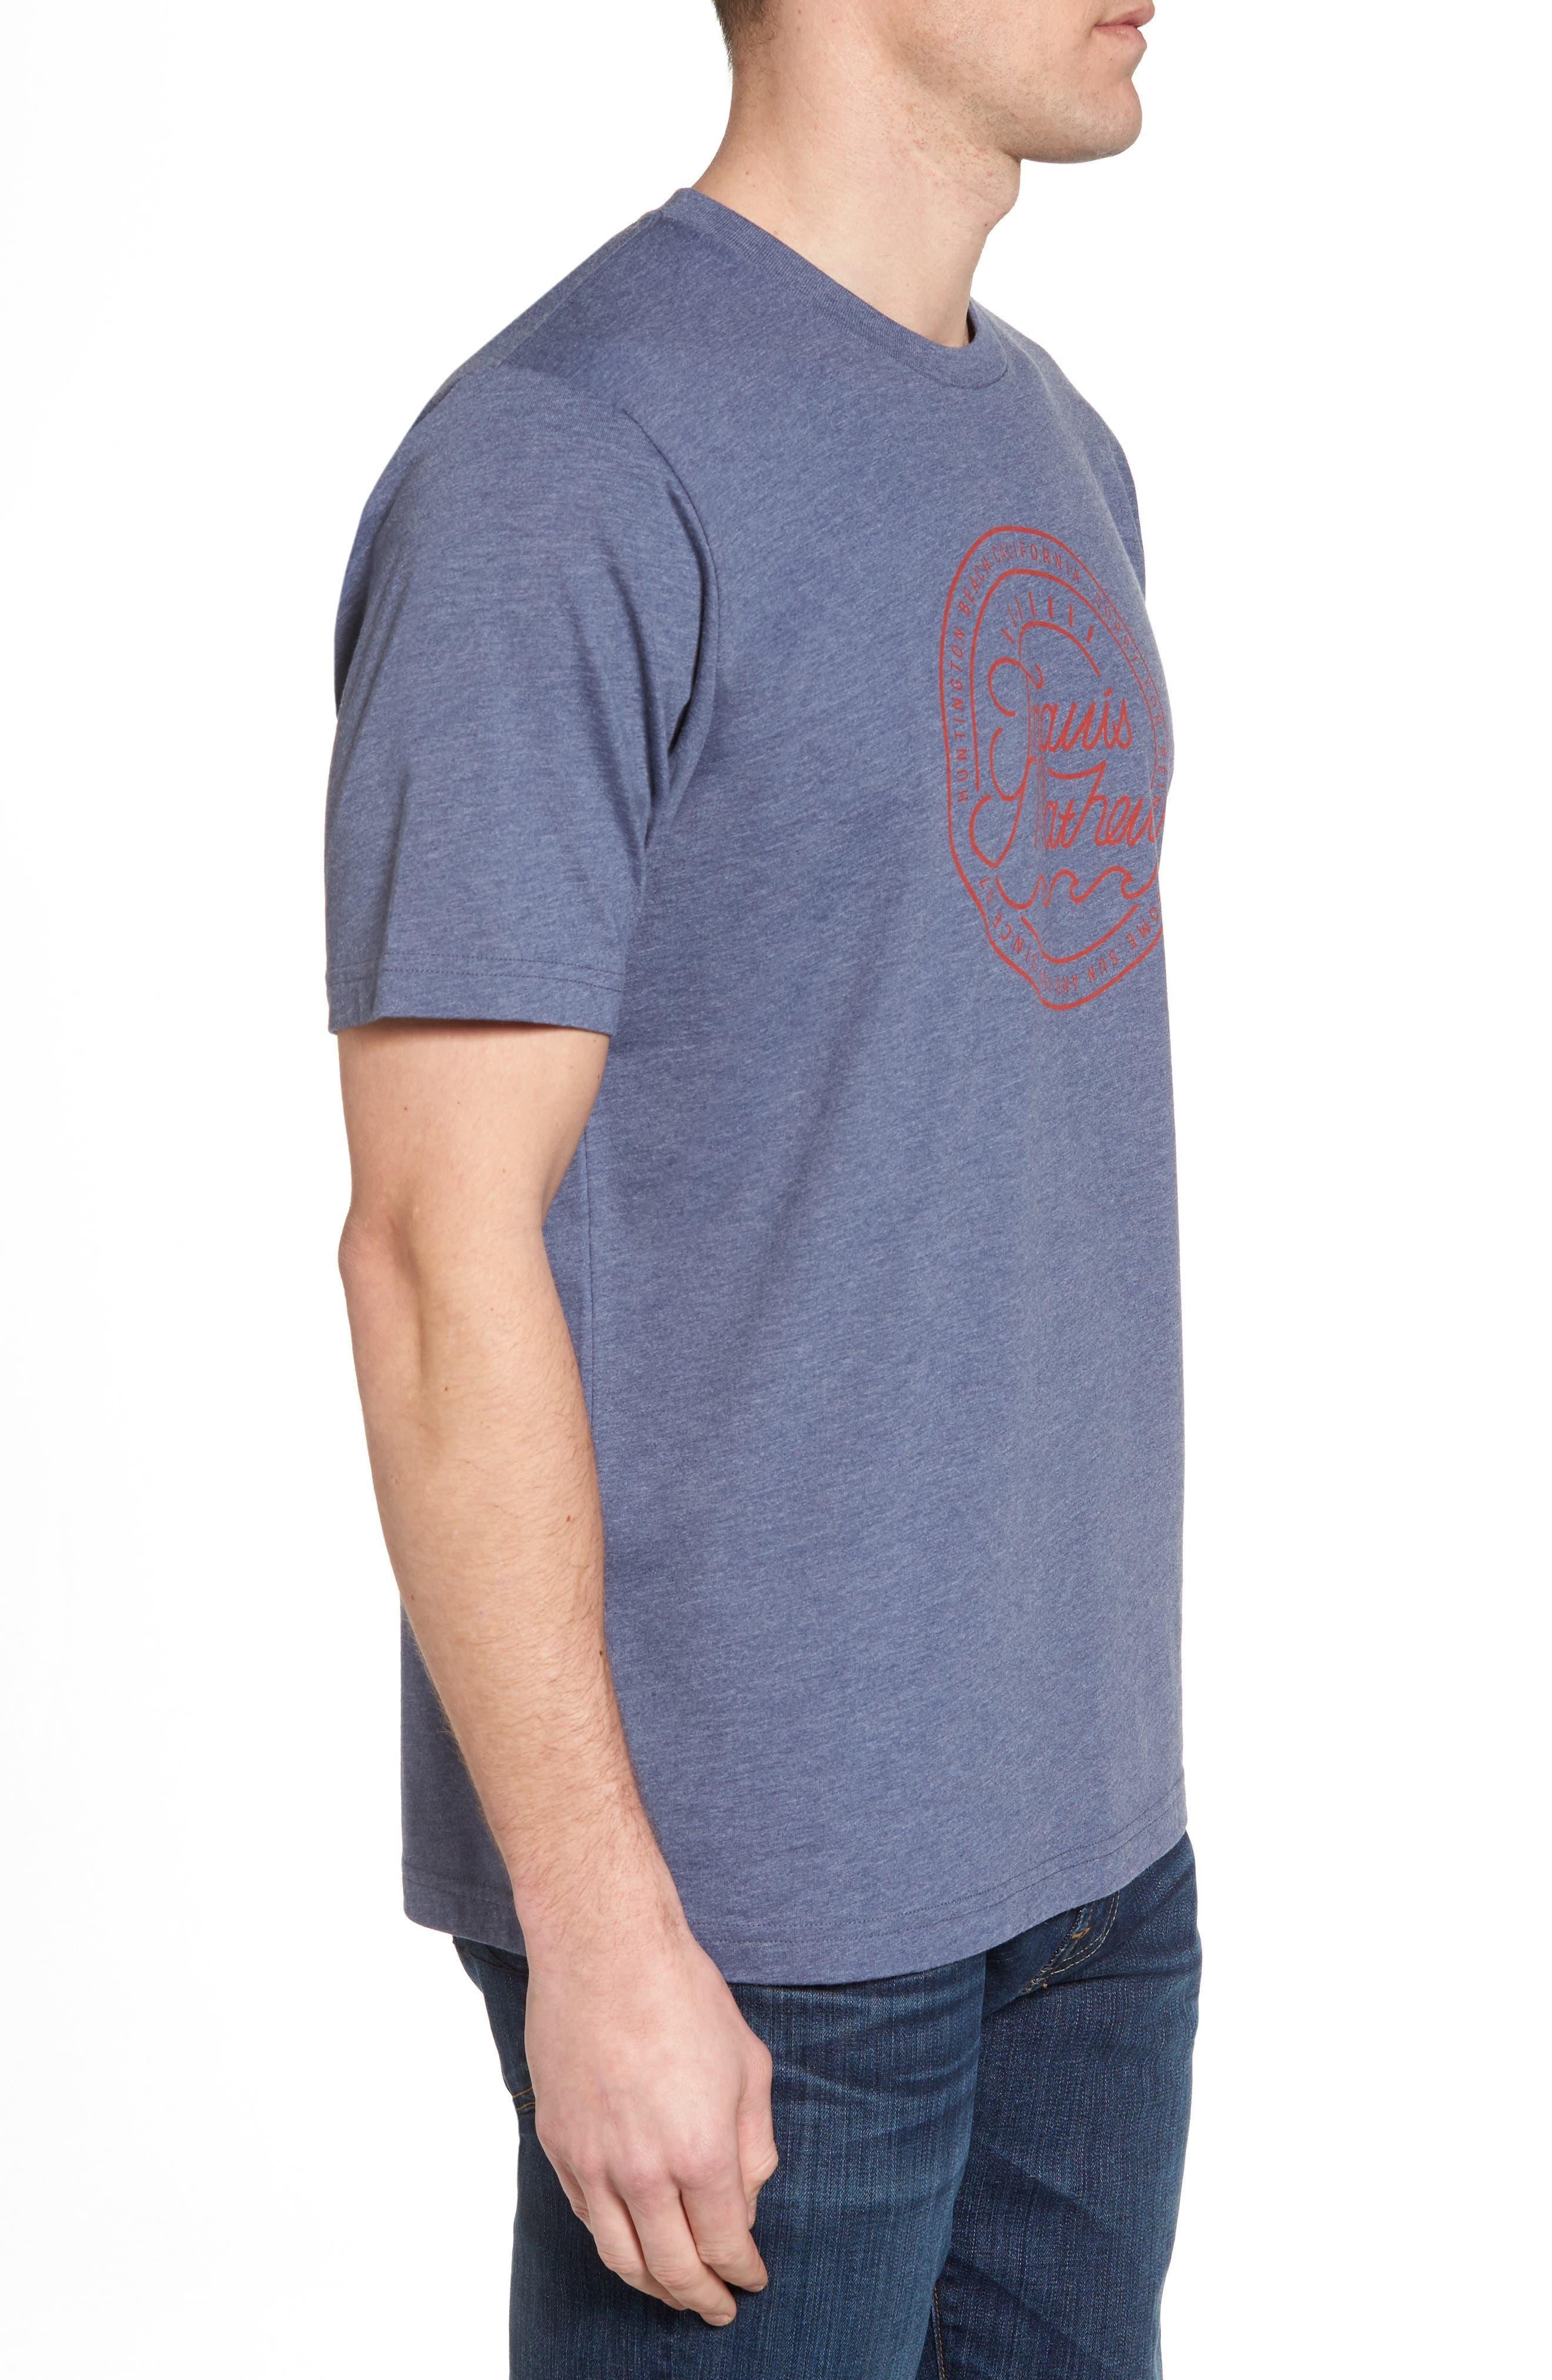 Drebo Graphic T-Shirt,                             Alternate thumbnail 3, color,                             400